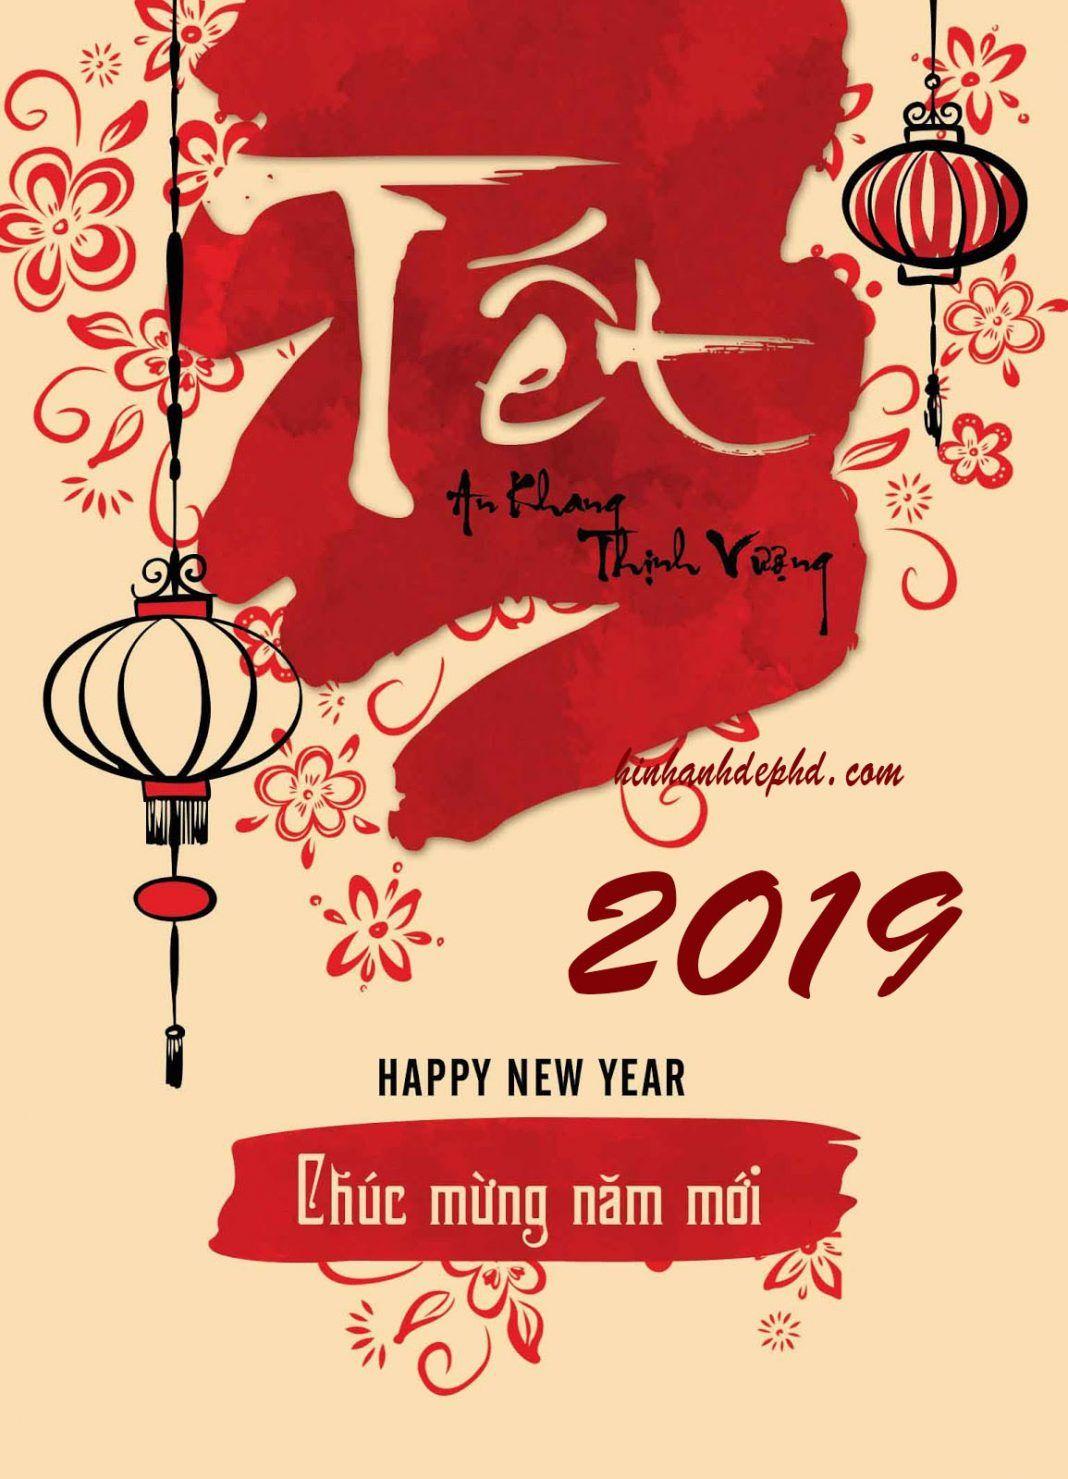 Kết quả hình ảnh cho chucs mừng năm mới 2019